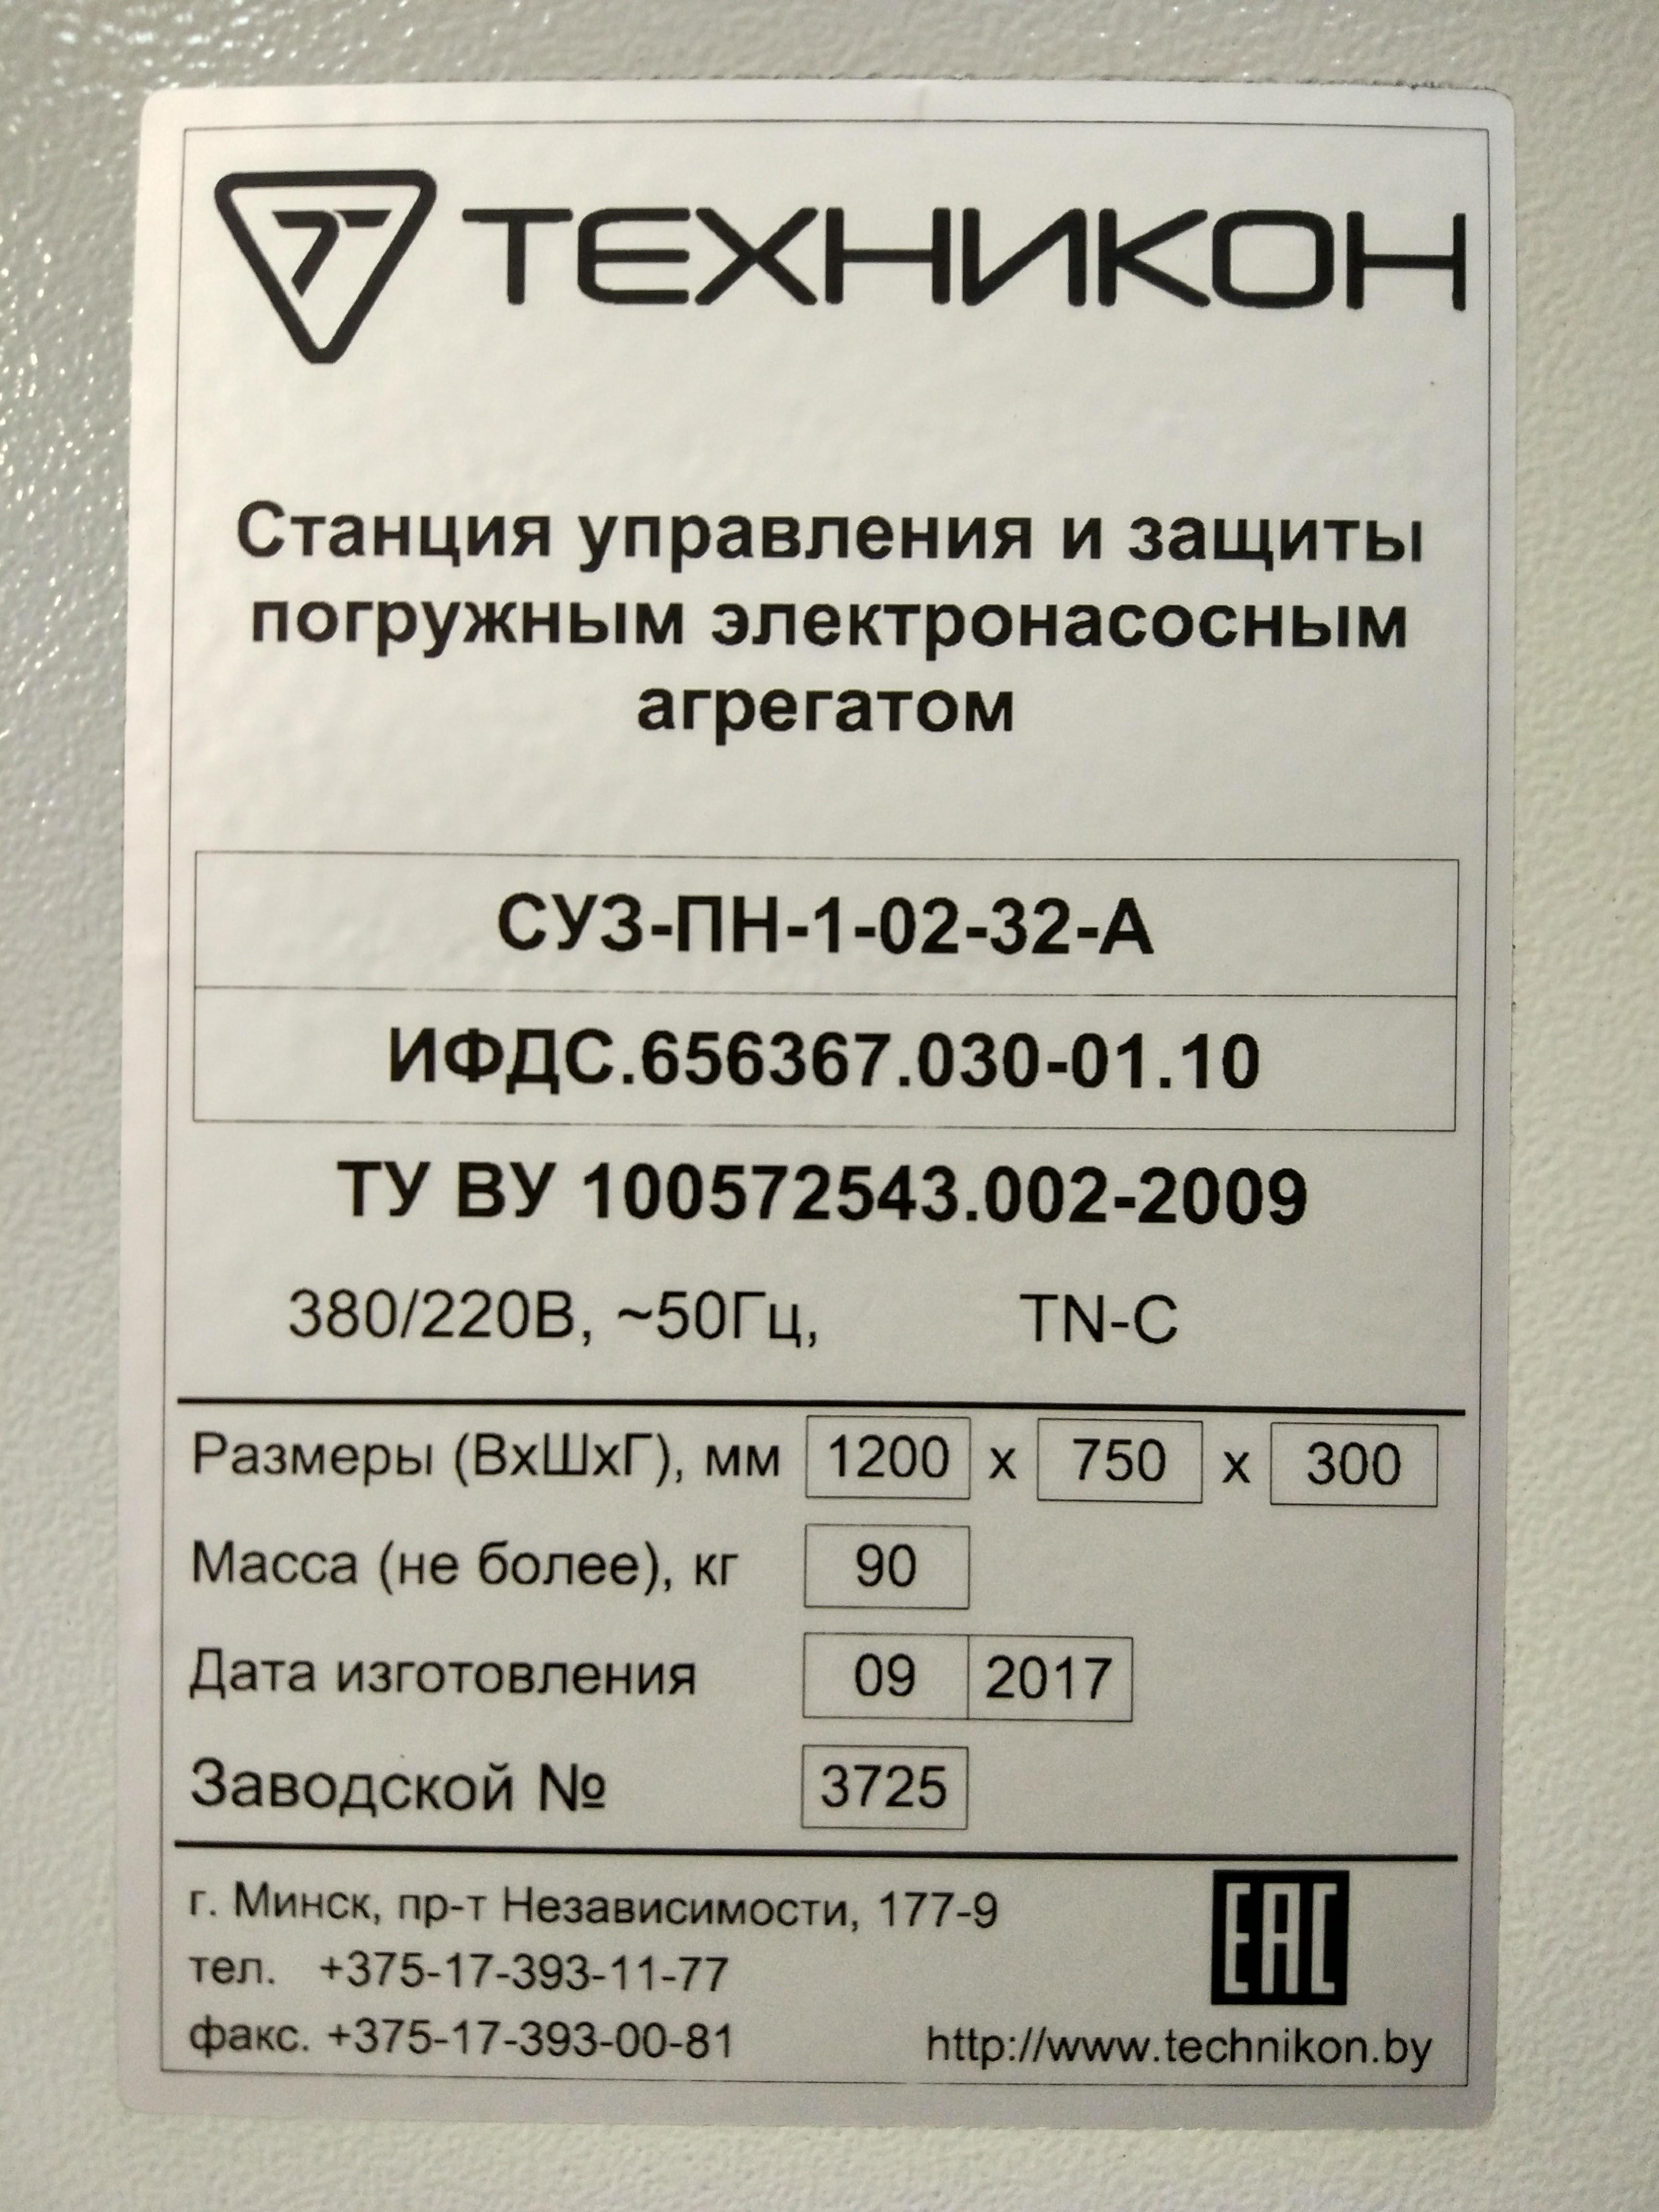 img_20170922_140029_hdr Печать маркировки для клемм, проводов, кабеля и оборудования